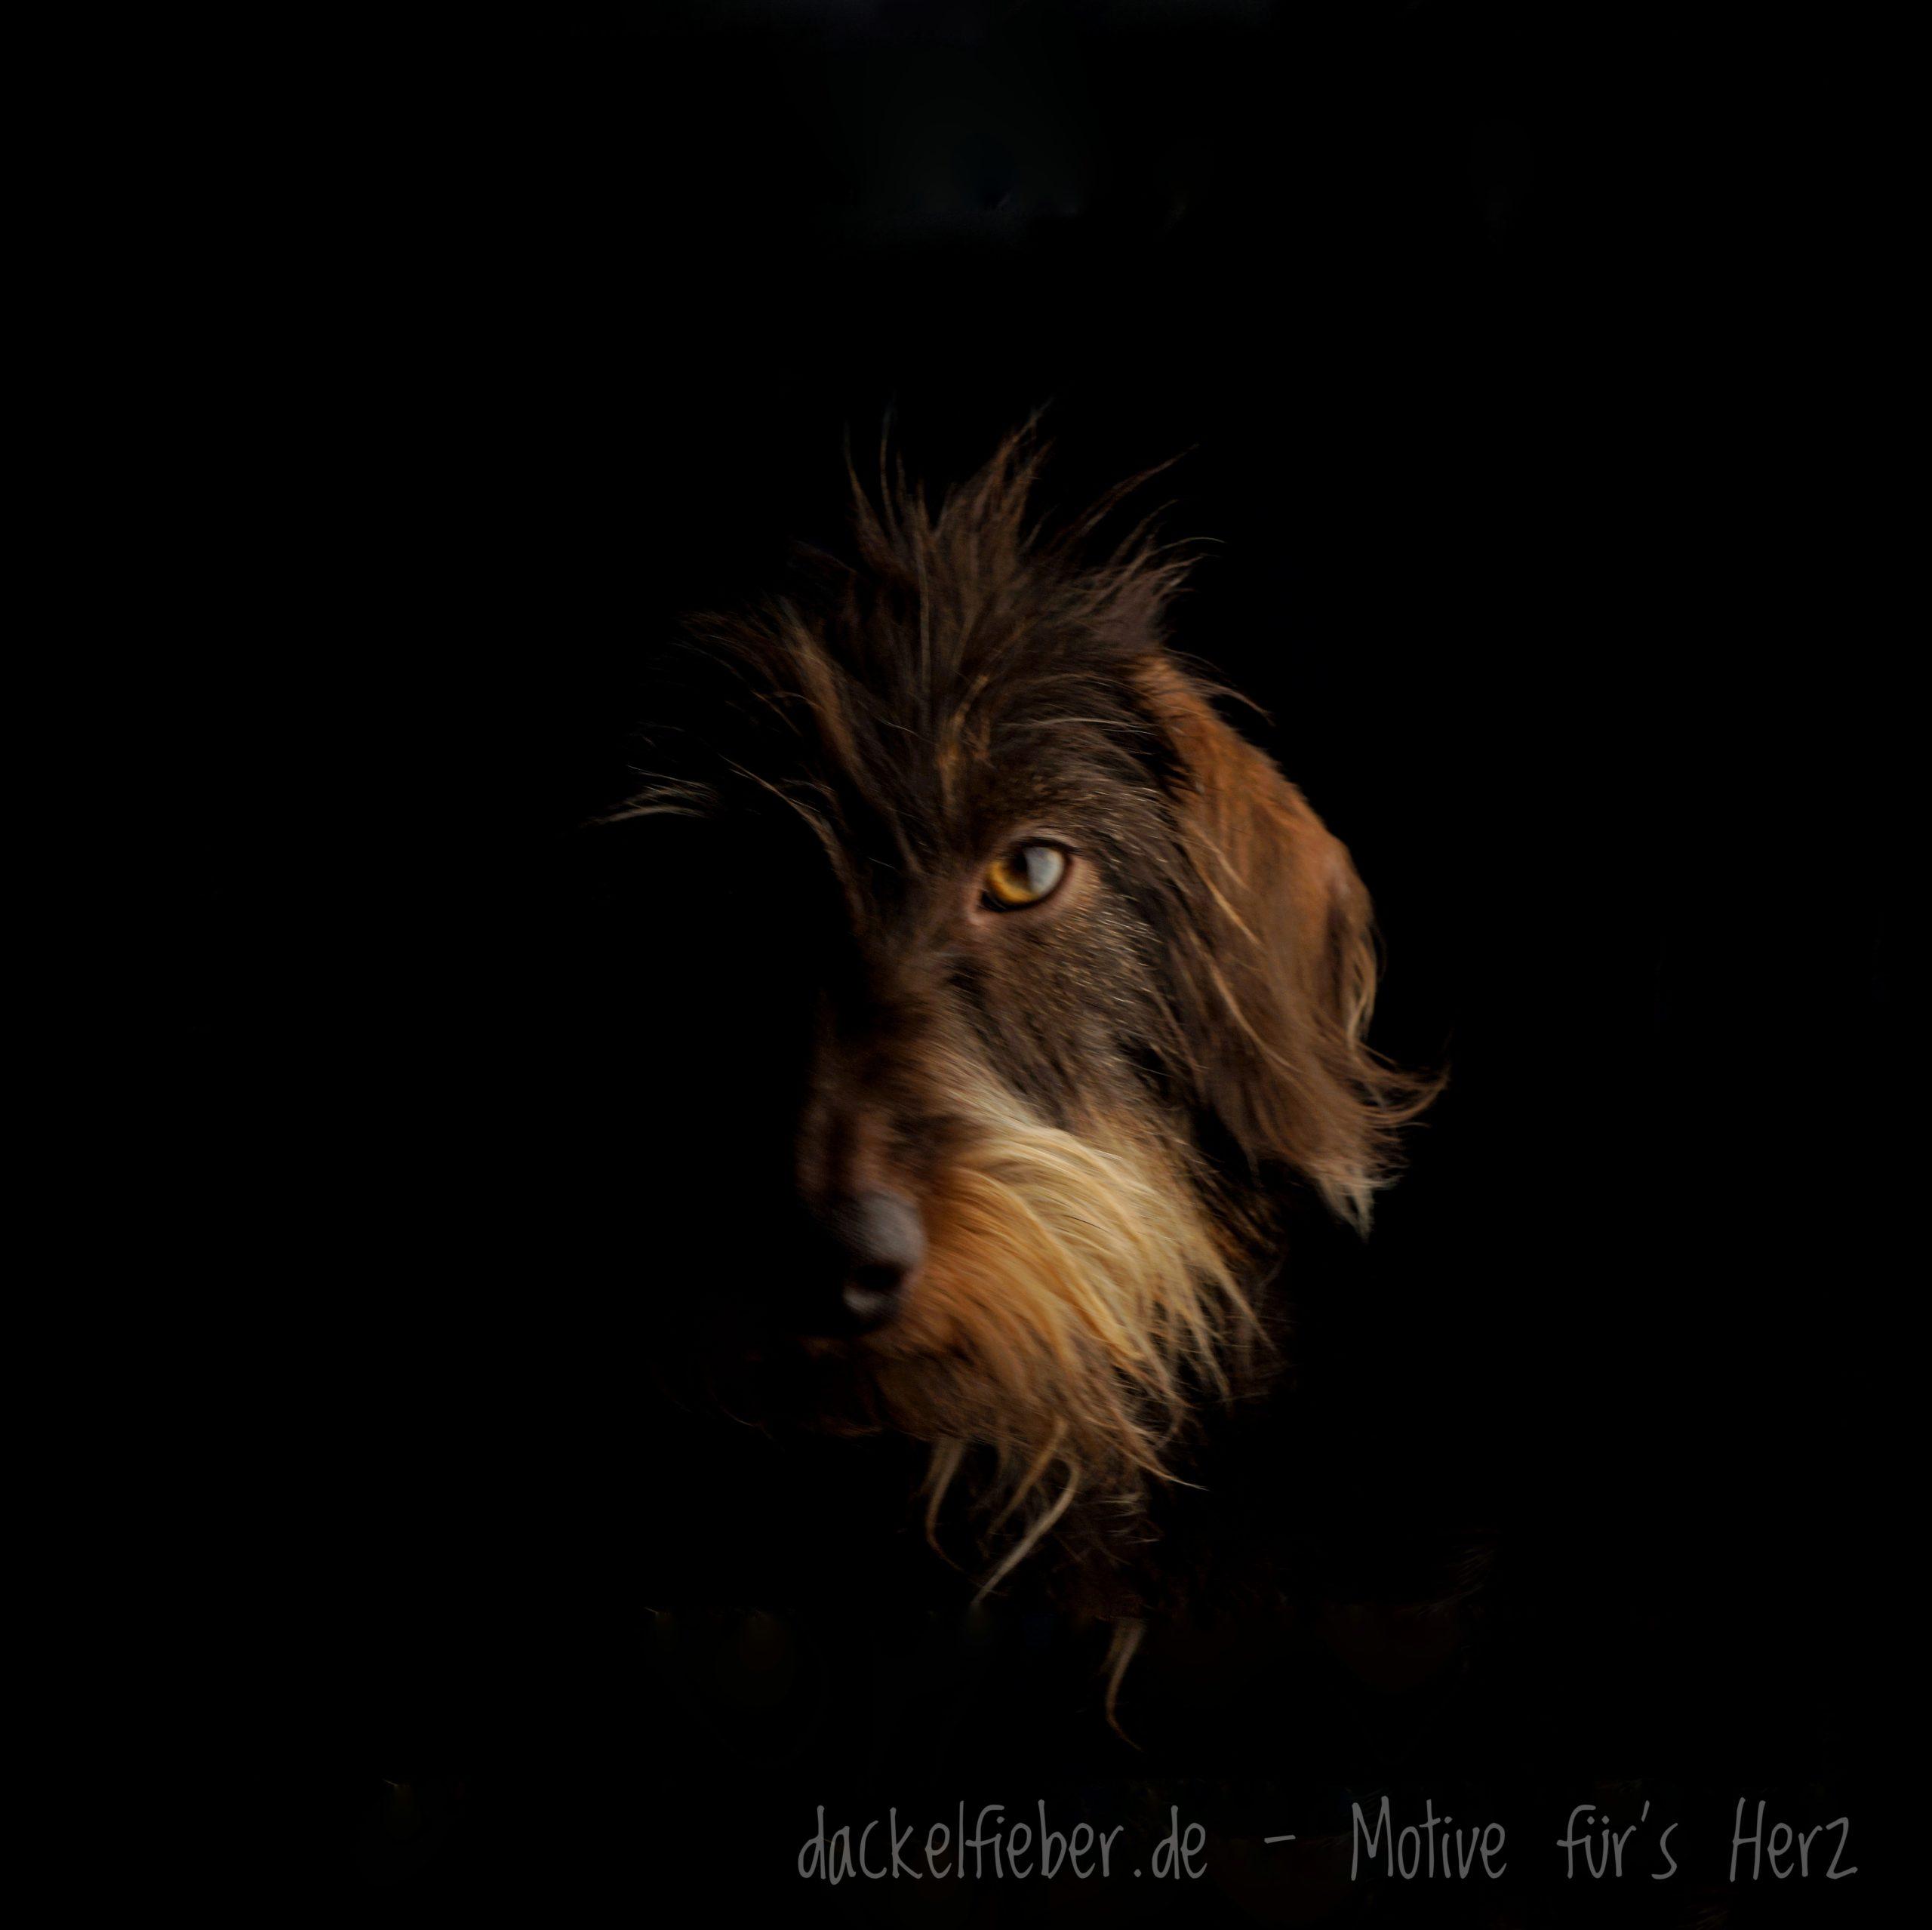 Rauhaardackel Bild dunkel